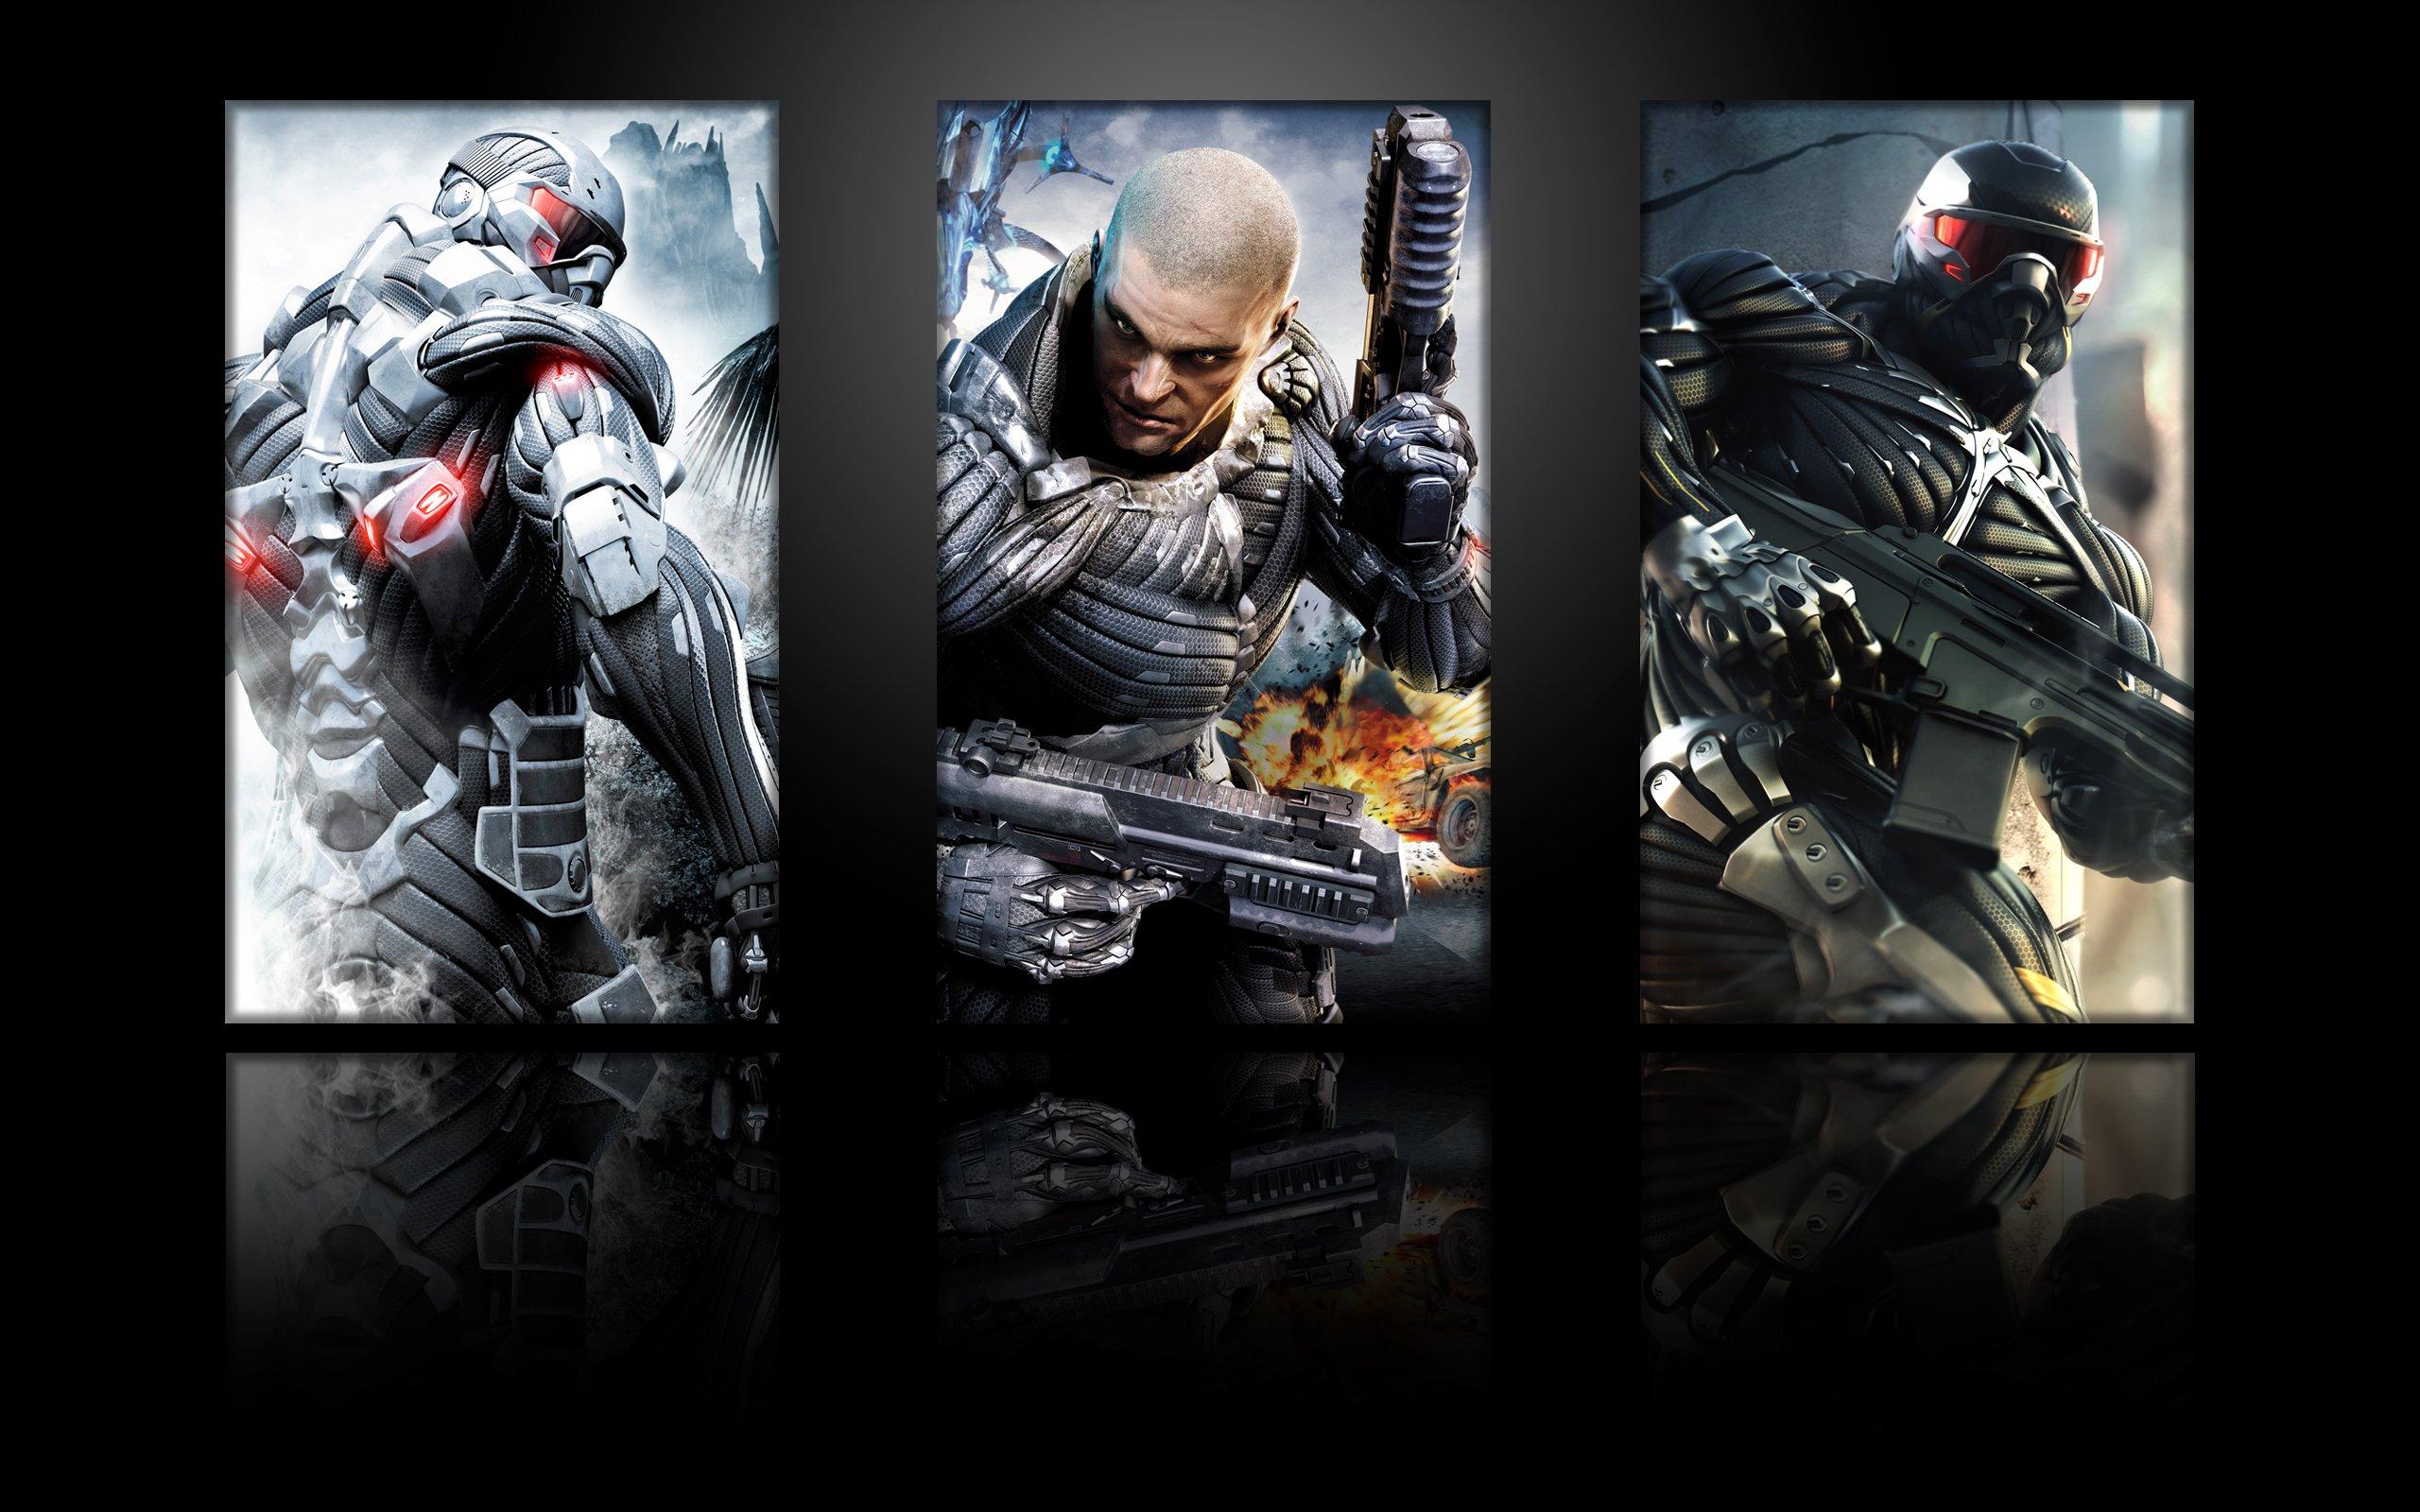 Crysis 2 wallpapers Crysis 2 stock photos 2560x1600